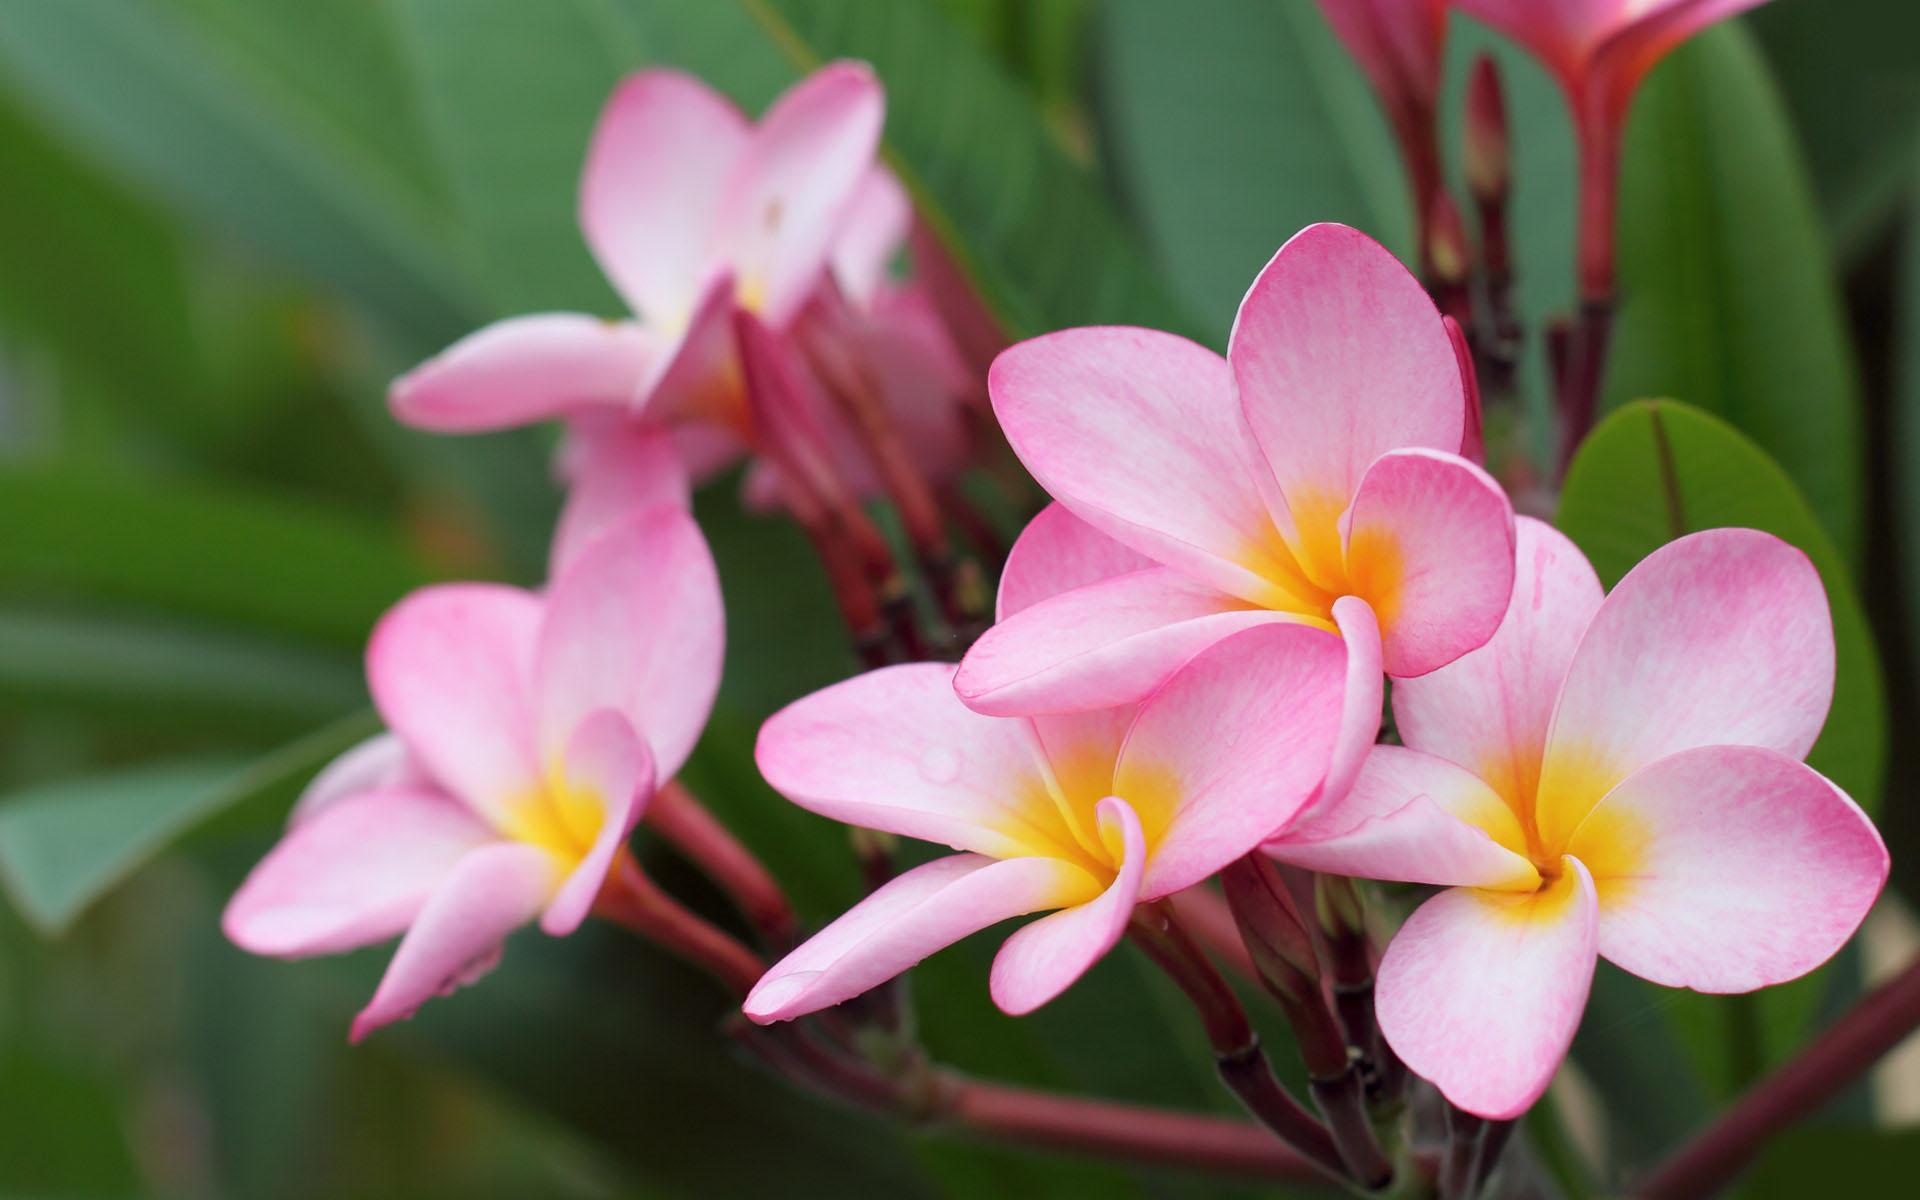 بالبينك والاحمر والاورانج صور اجمل الورود الطبيعيه لعيونكم